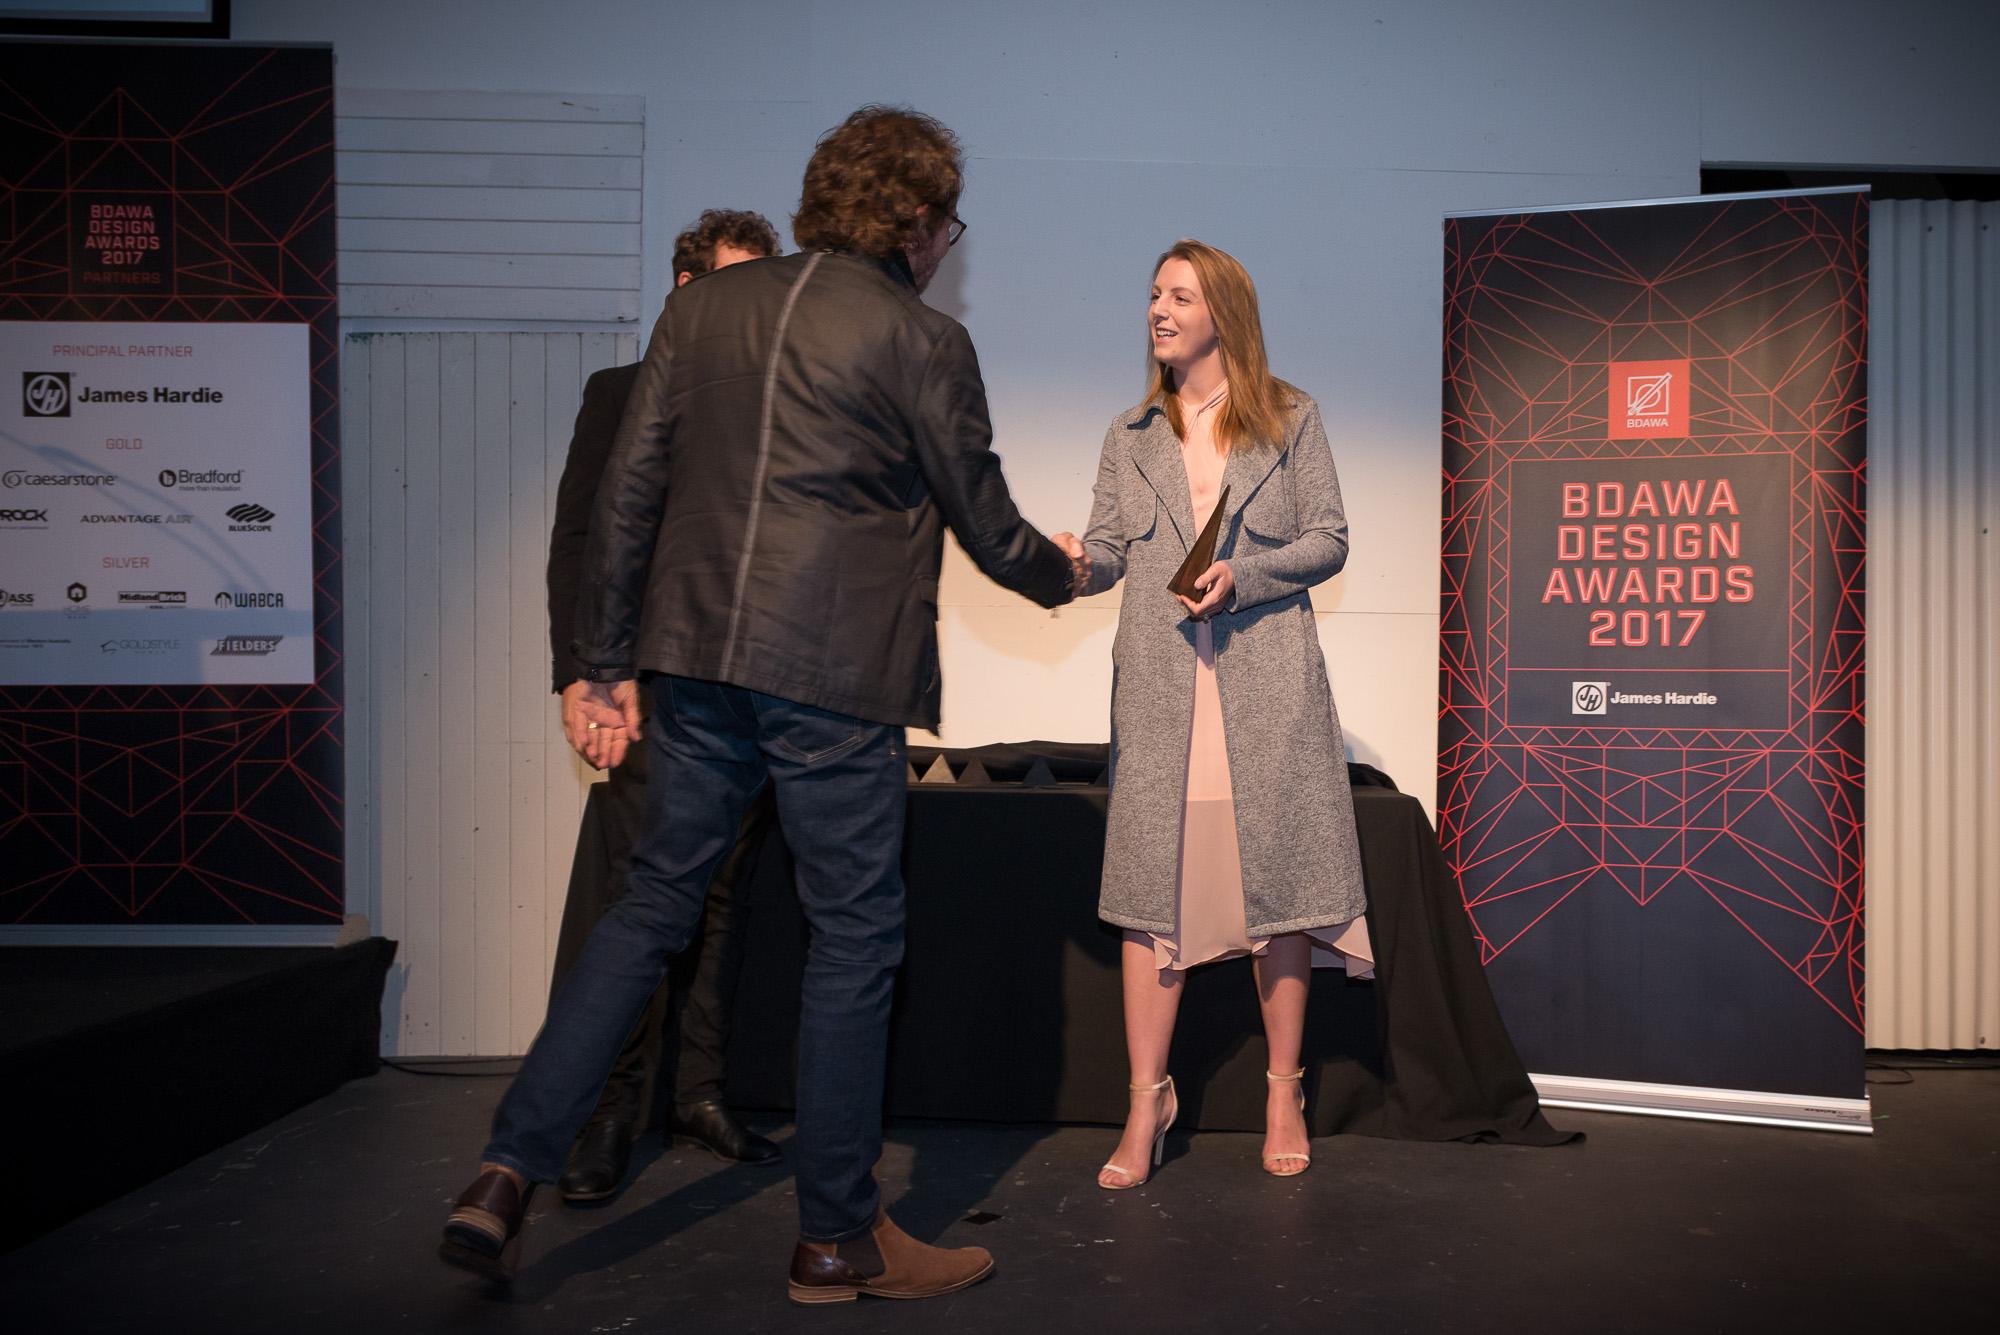 0189 BDA WA Awards 2017 _JHG7490.jpg